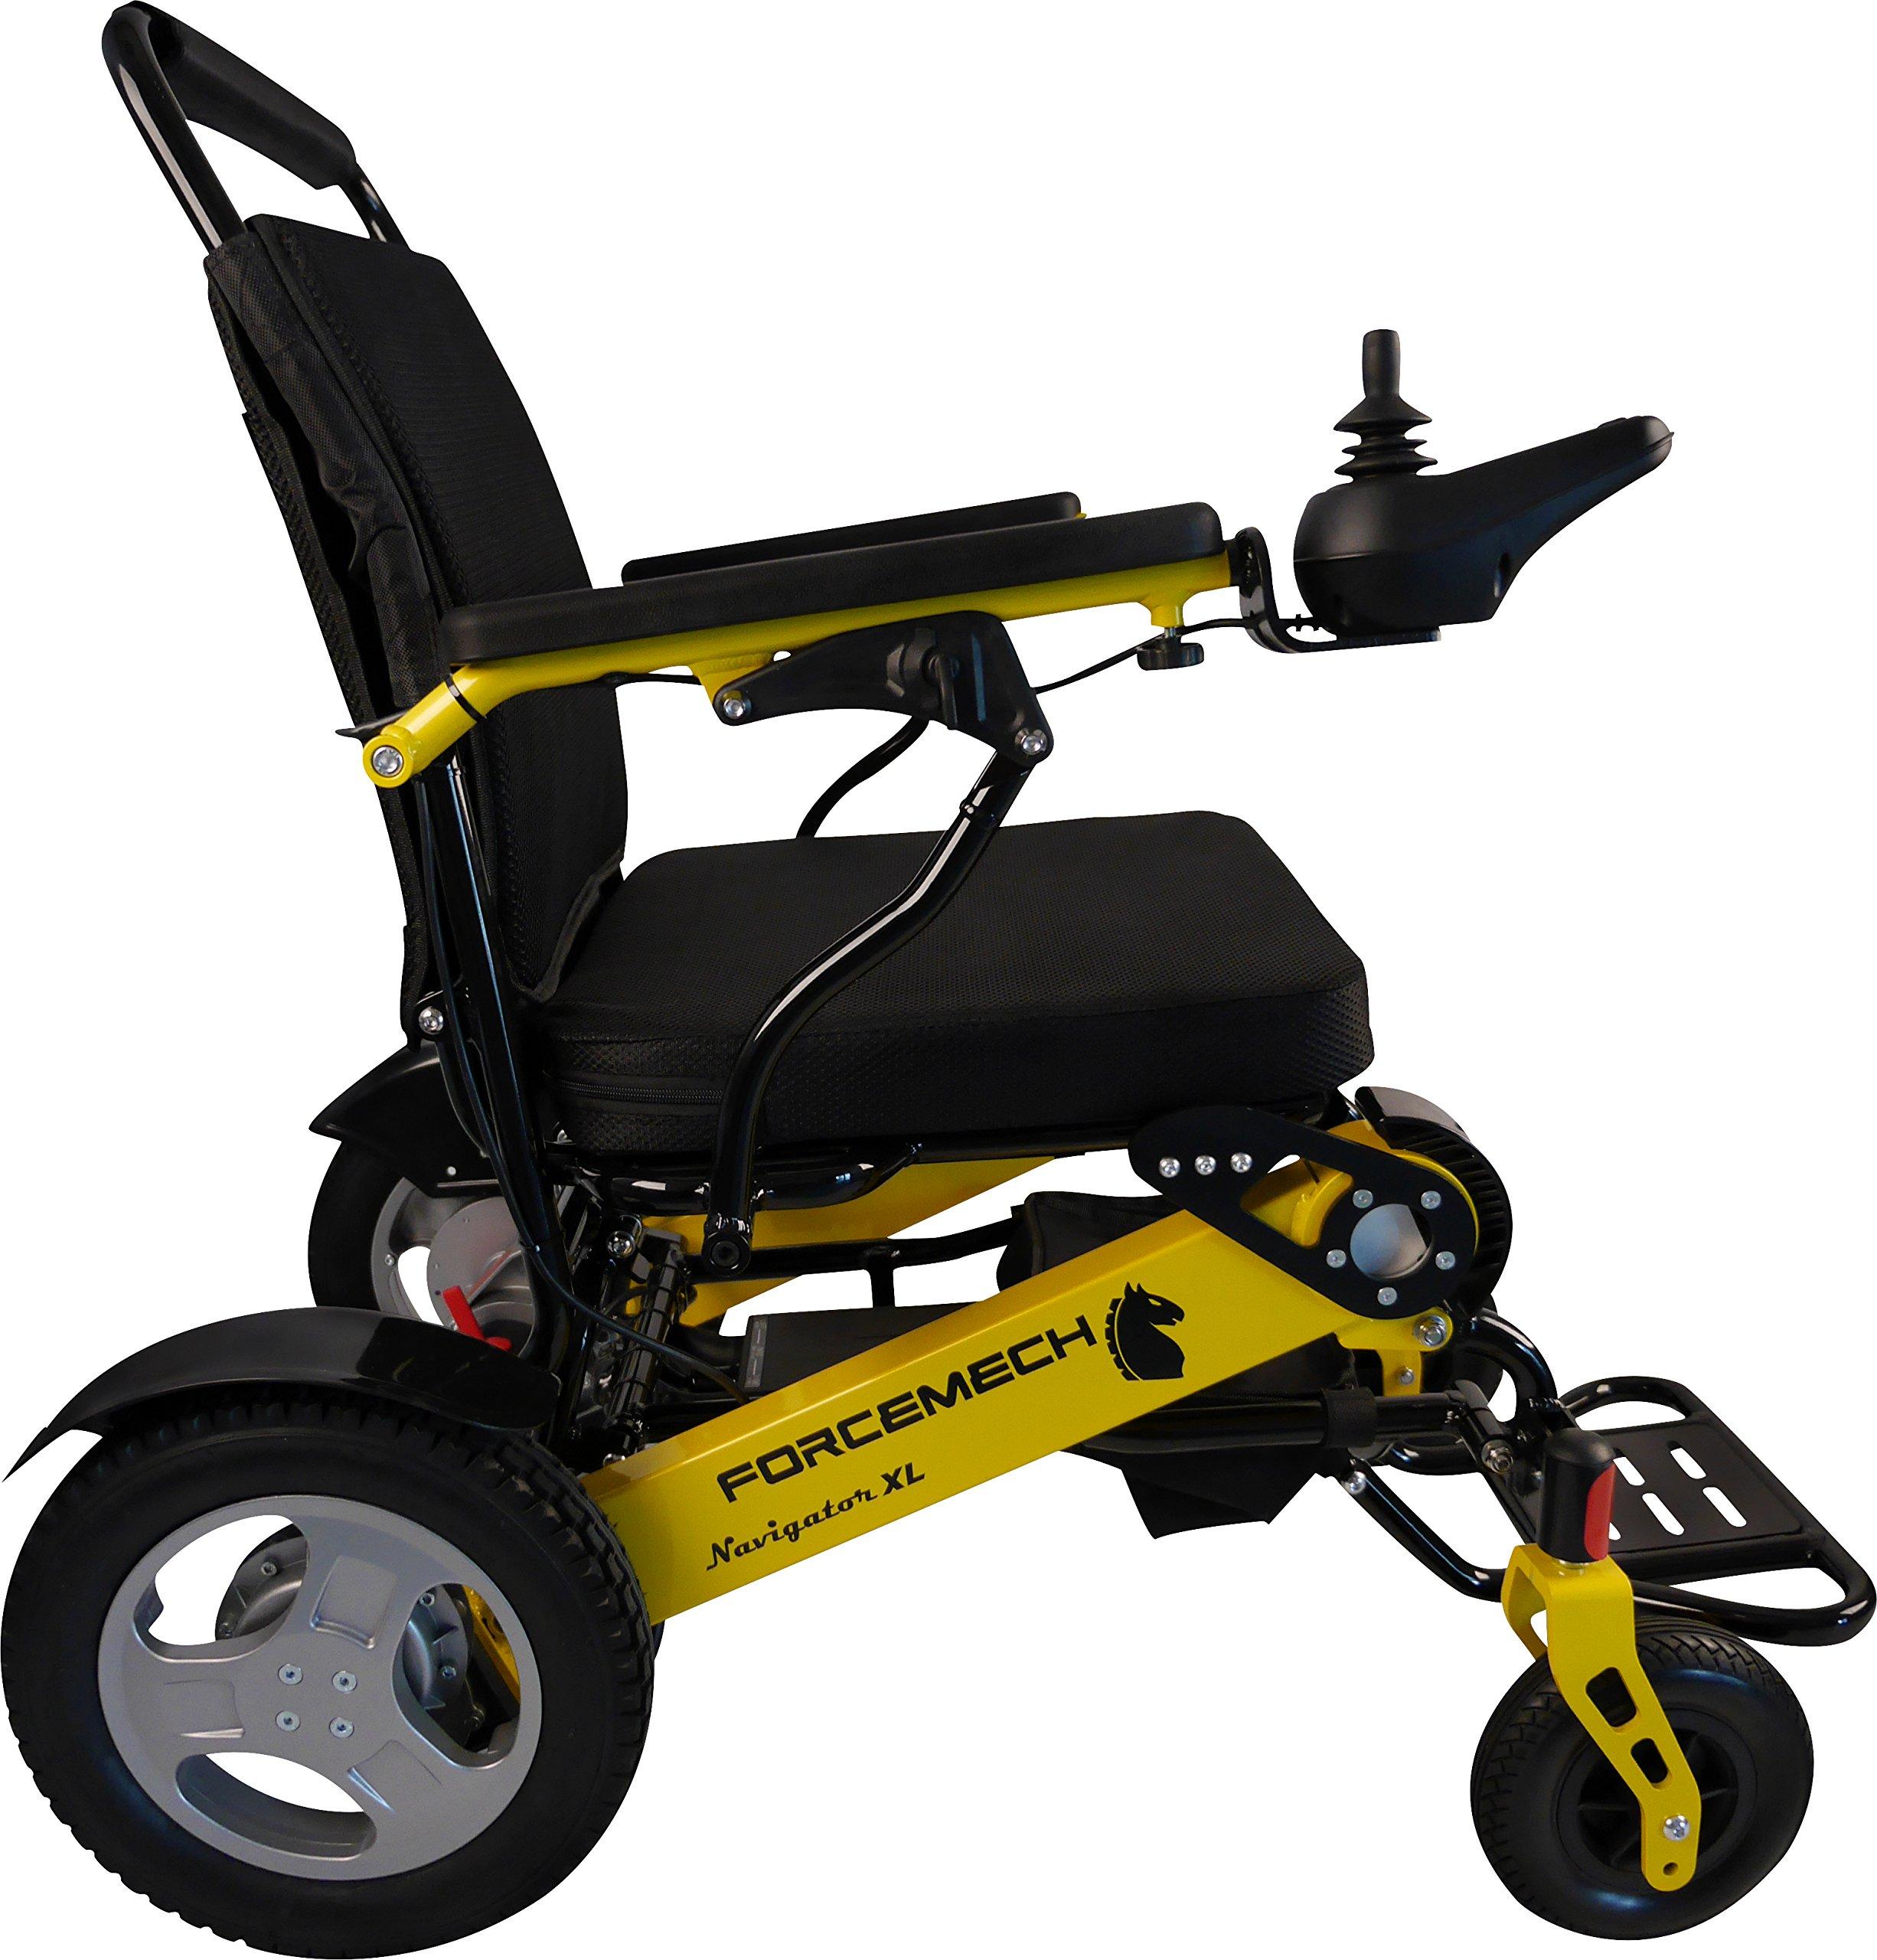 Forcemech Navigator XL - Premium Folding Electric Wheelchair (Navigator XL) by Forcemech